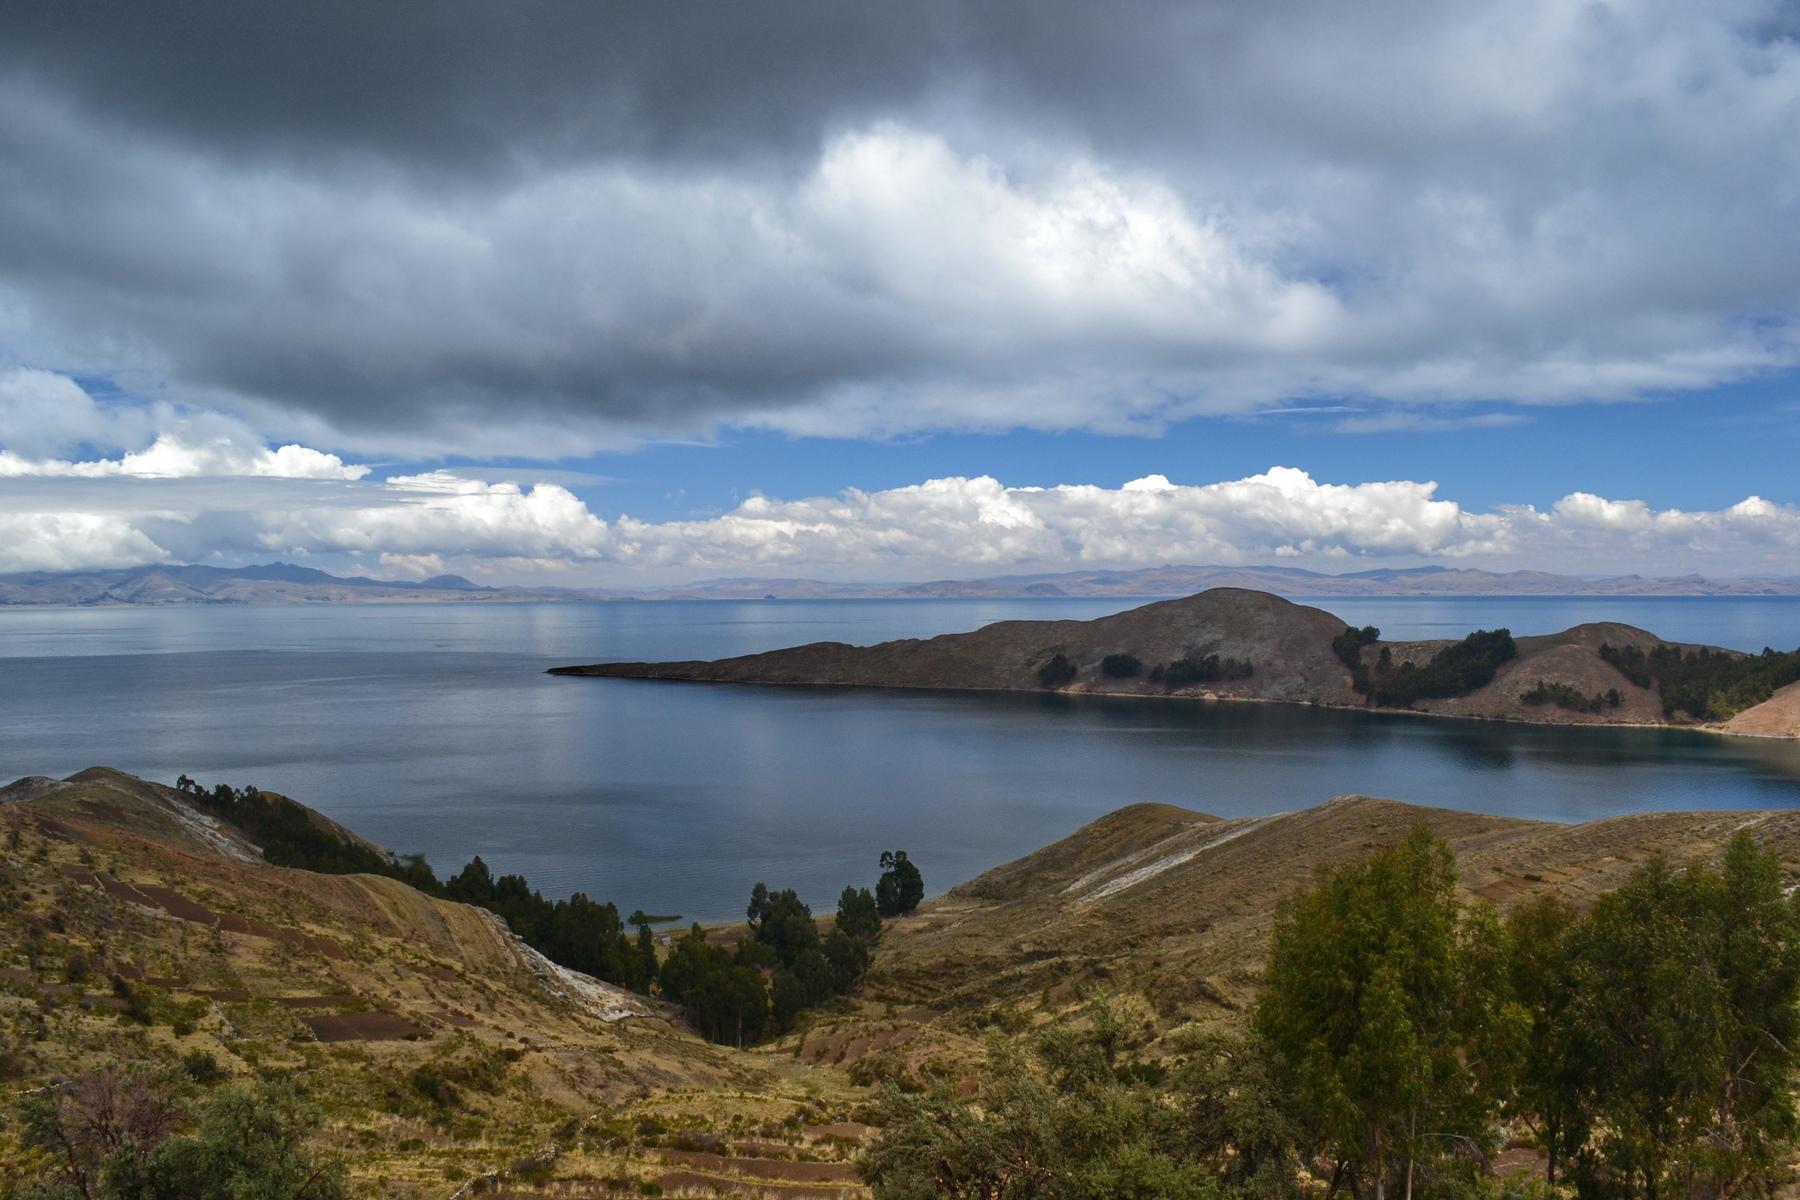 la-paz-titicaca-coroico34